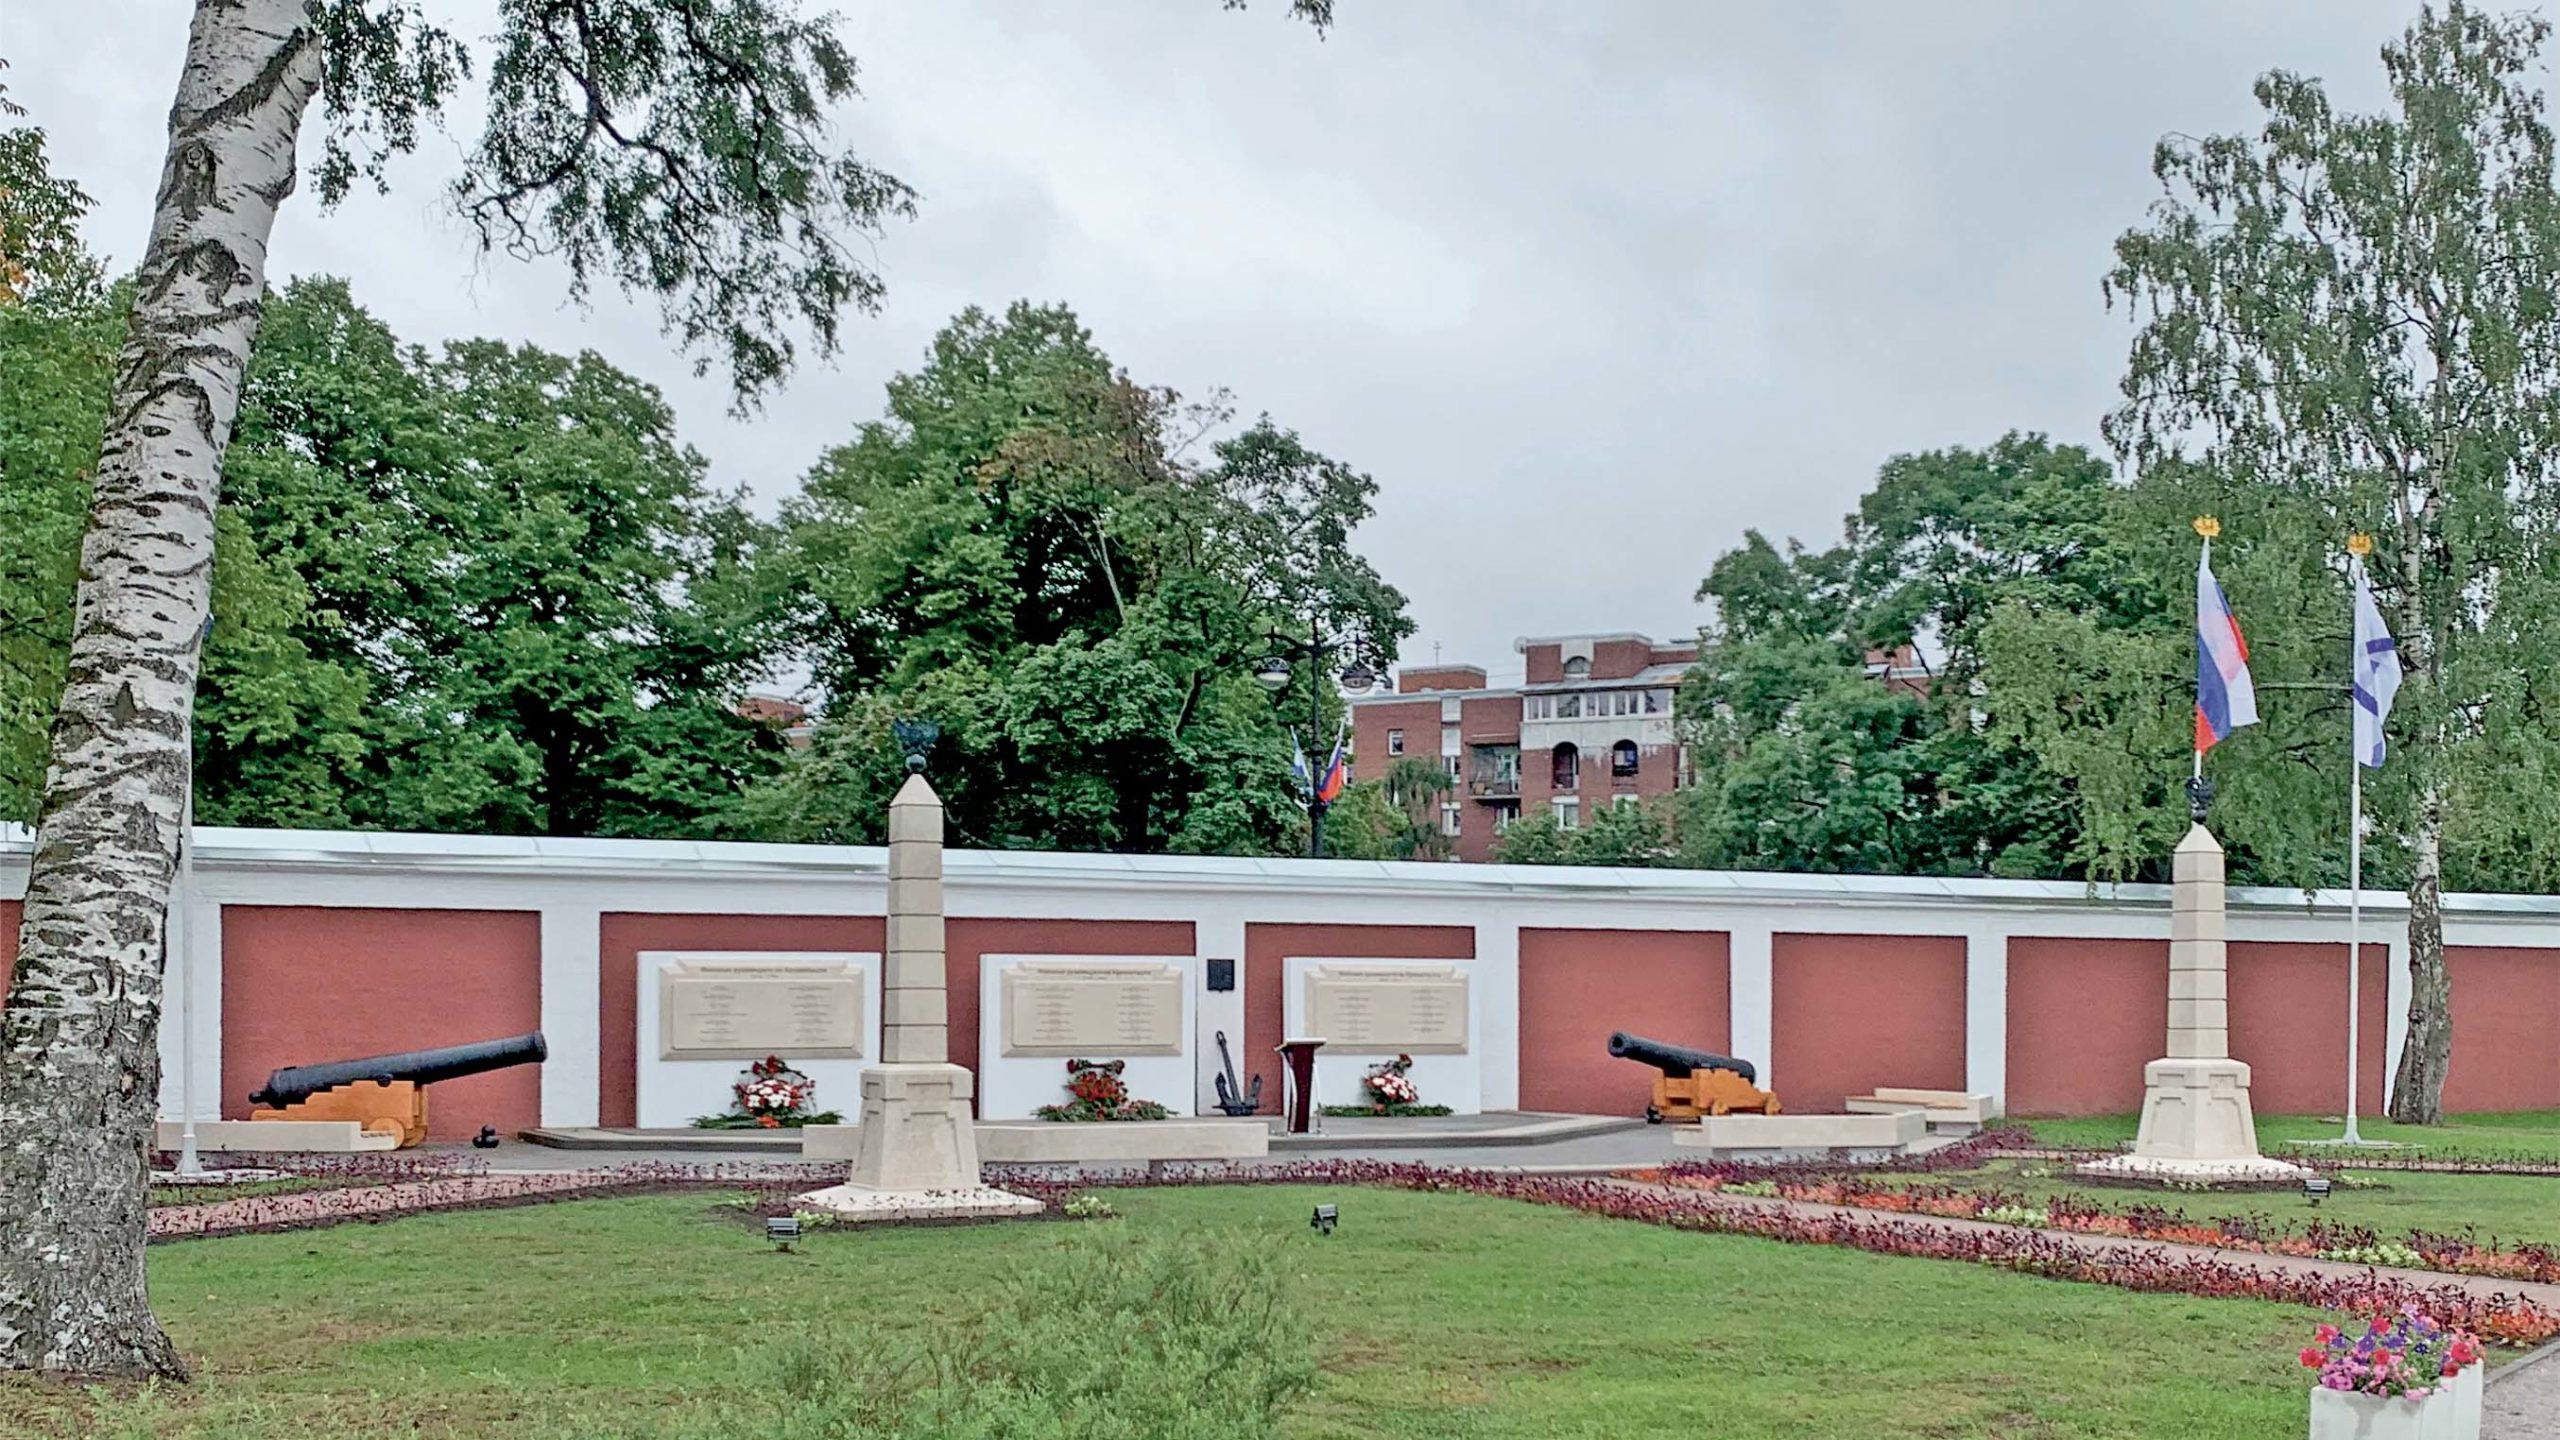 Мемориал руководителей Кронштадта. Проект благоустройства территории парка «Патриот»